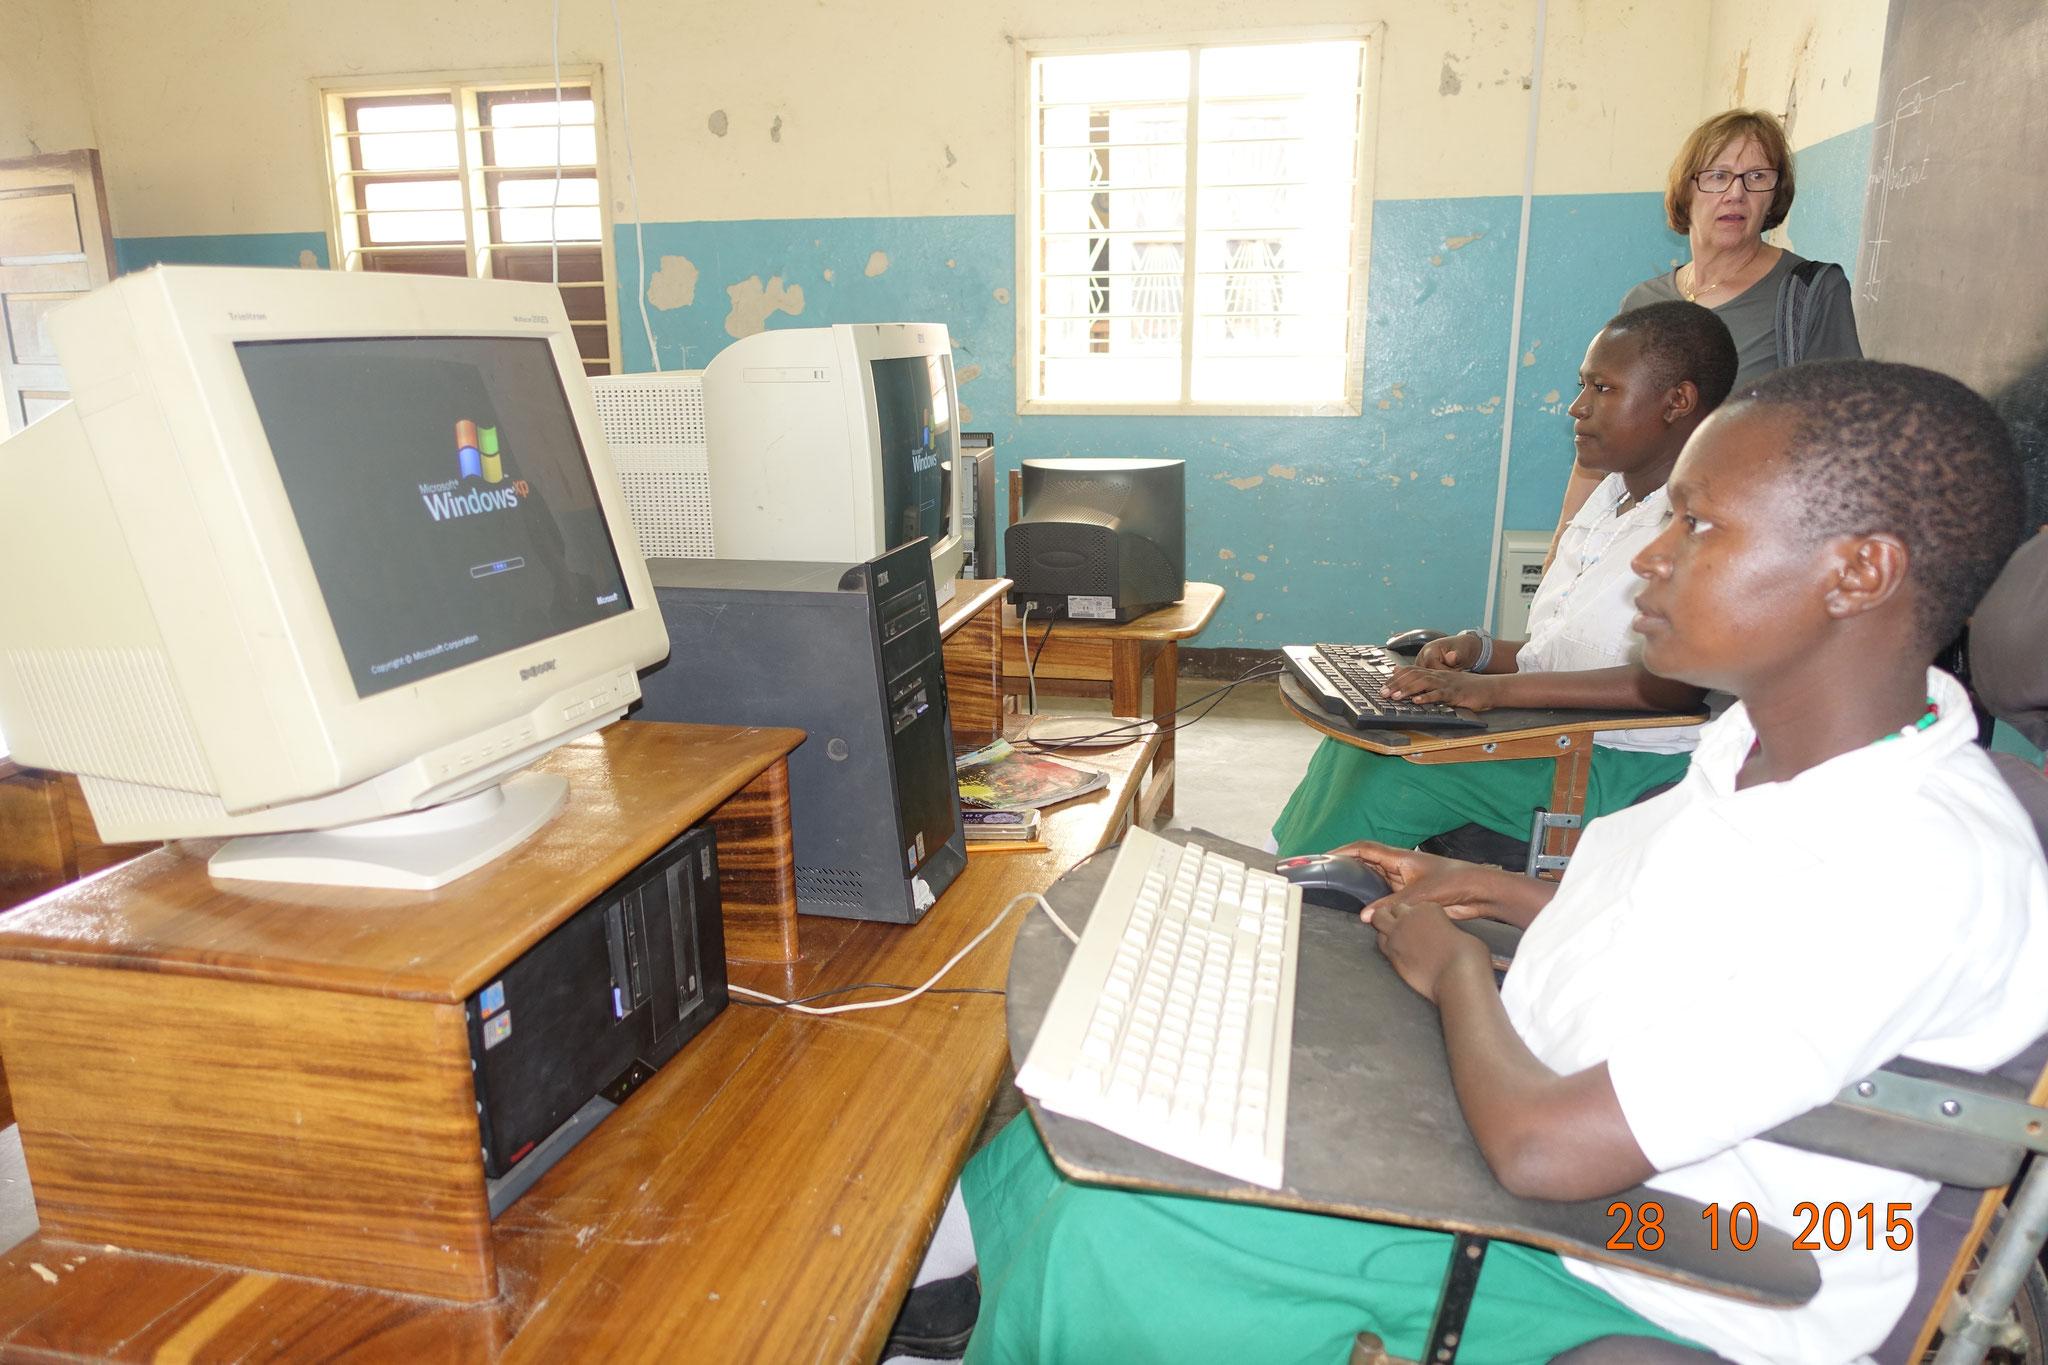 Seit einigen Jahren wird die Ausbildung am PC immer wichtiger.